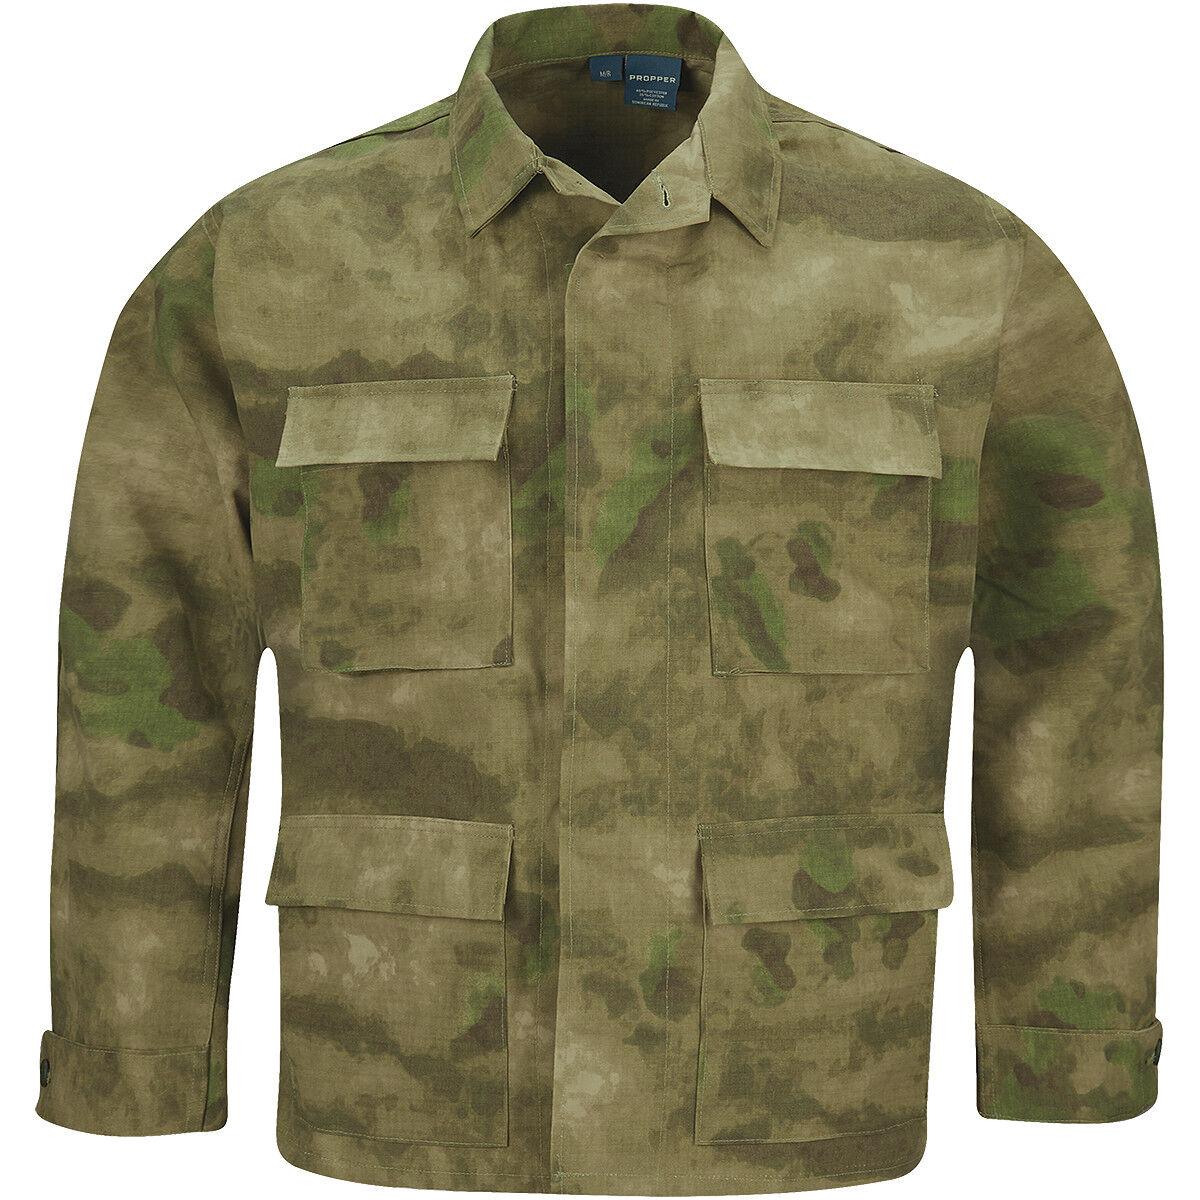 Propper BDU Coat Mens Army Paintball Patrol Tactical Heavy-Duty A-TACS FG Camo